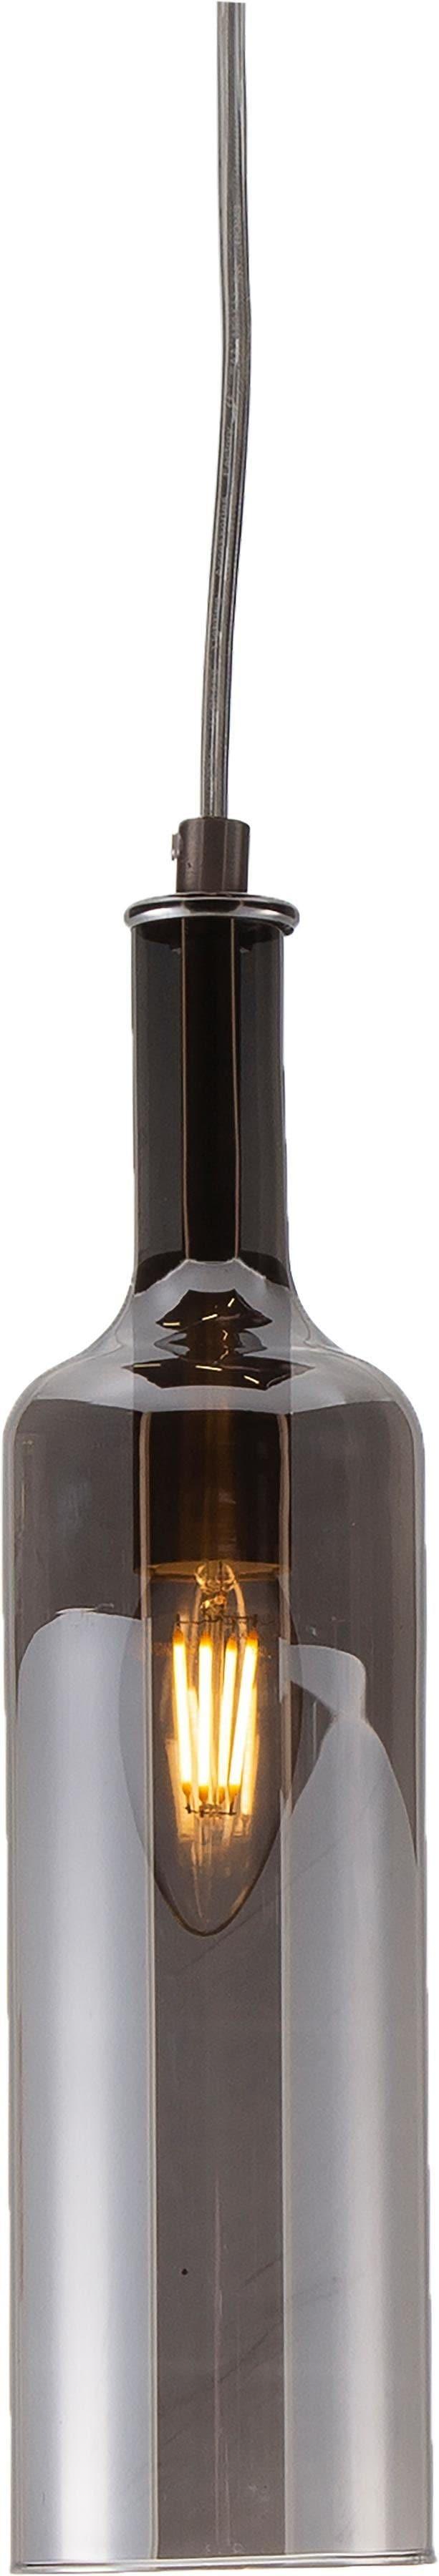 Nino Leuchten Pendelleuchte Bottle, E14, Warmweiß, Hängeleuchte, Hängelampe